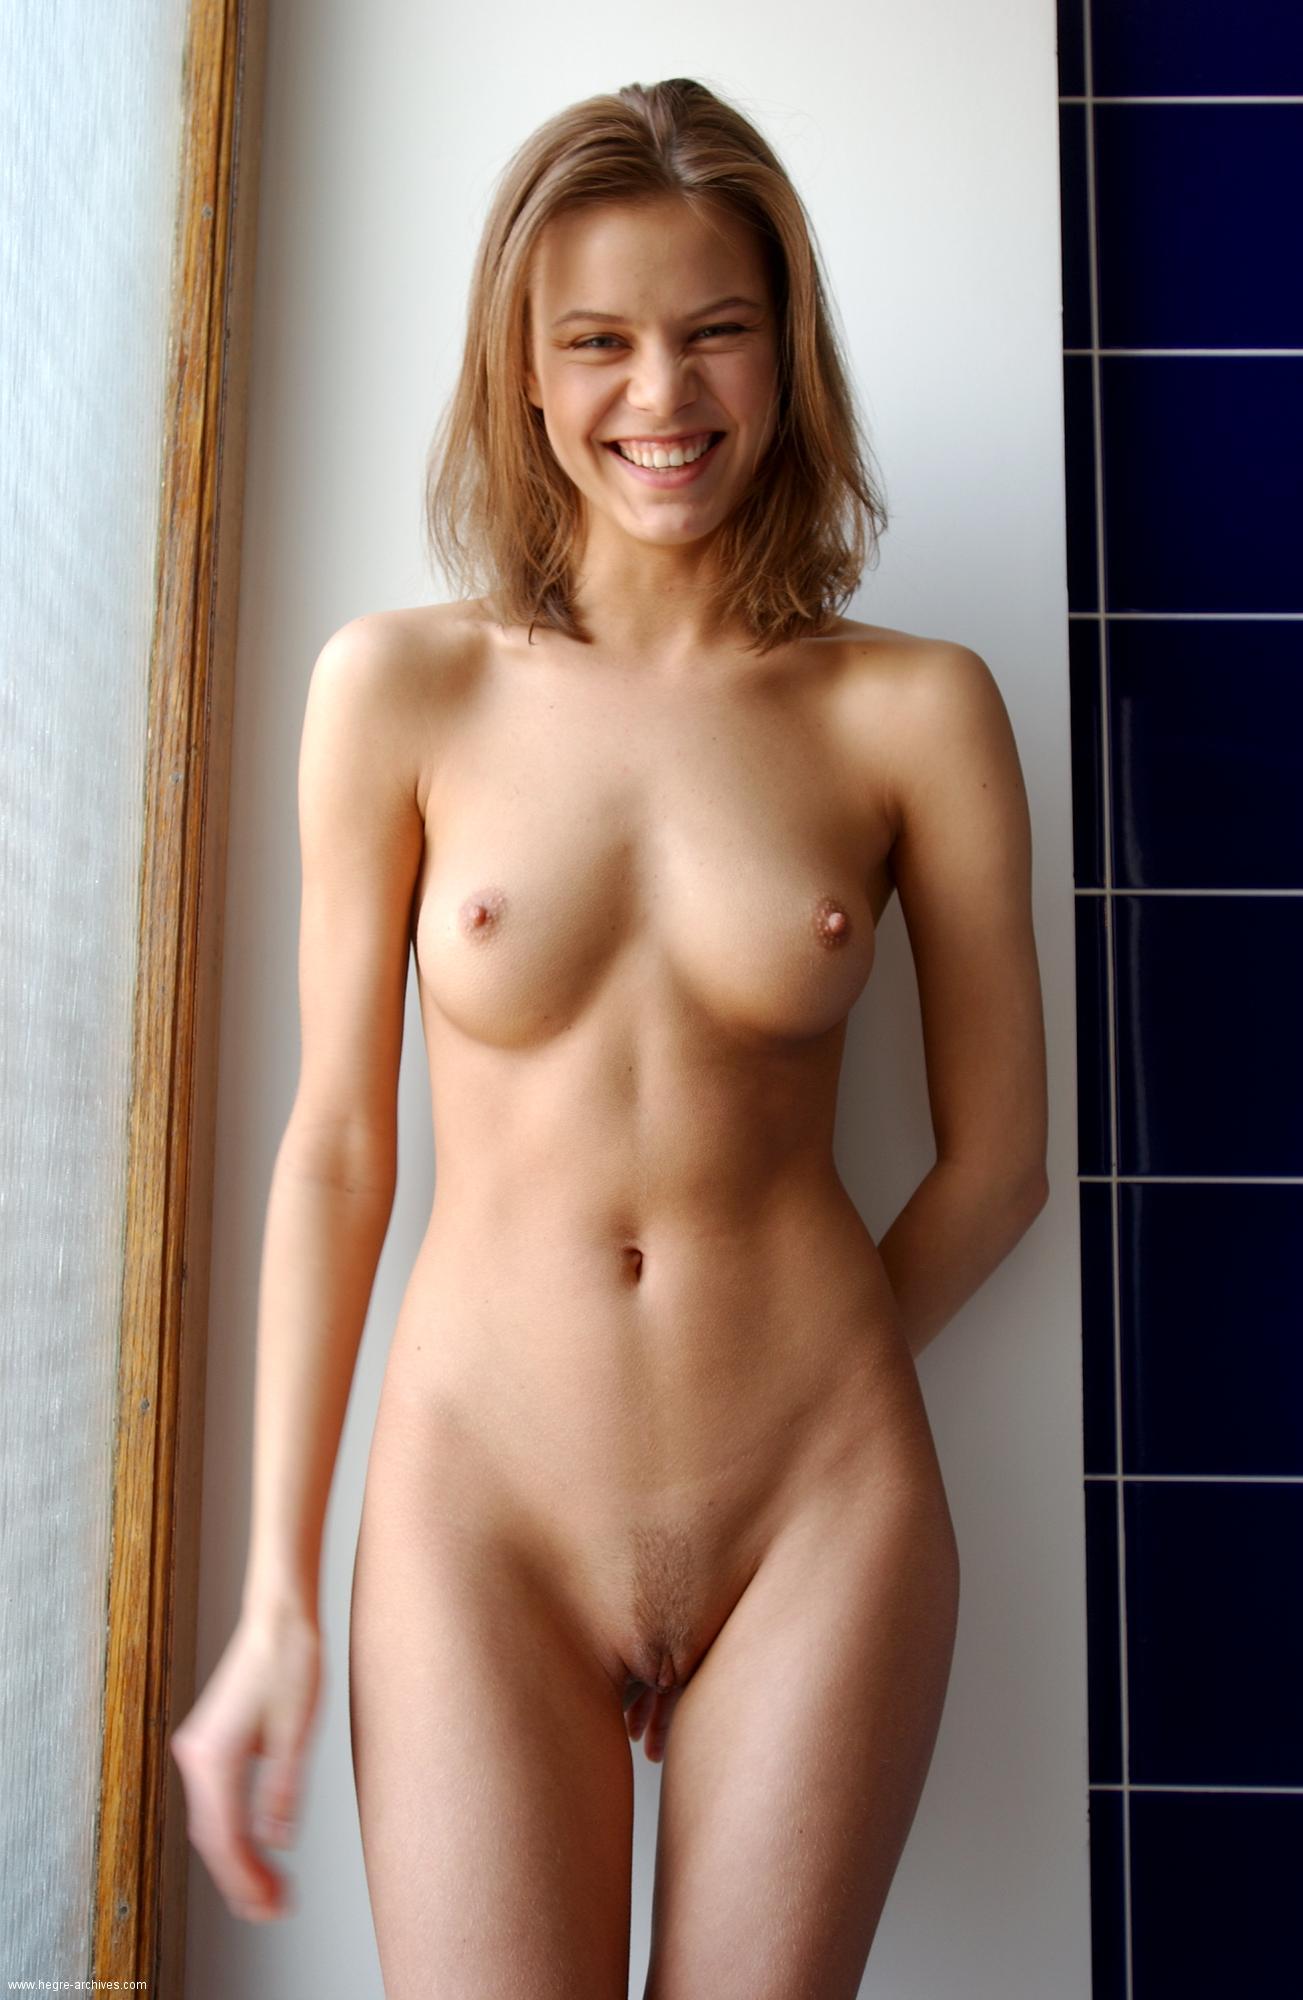 hidden naked hottie pictures